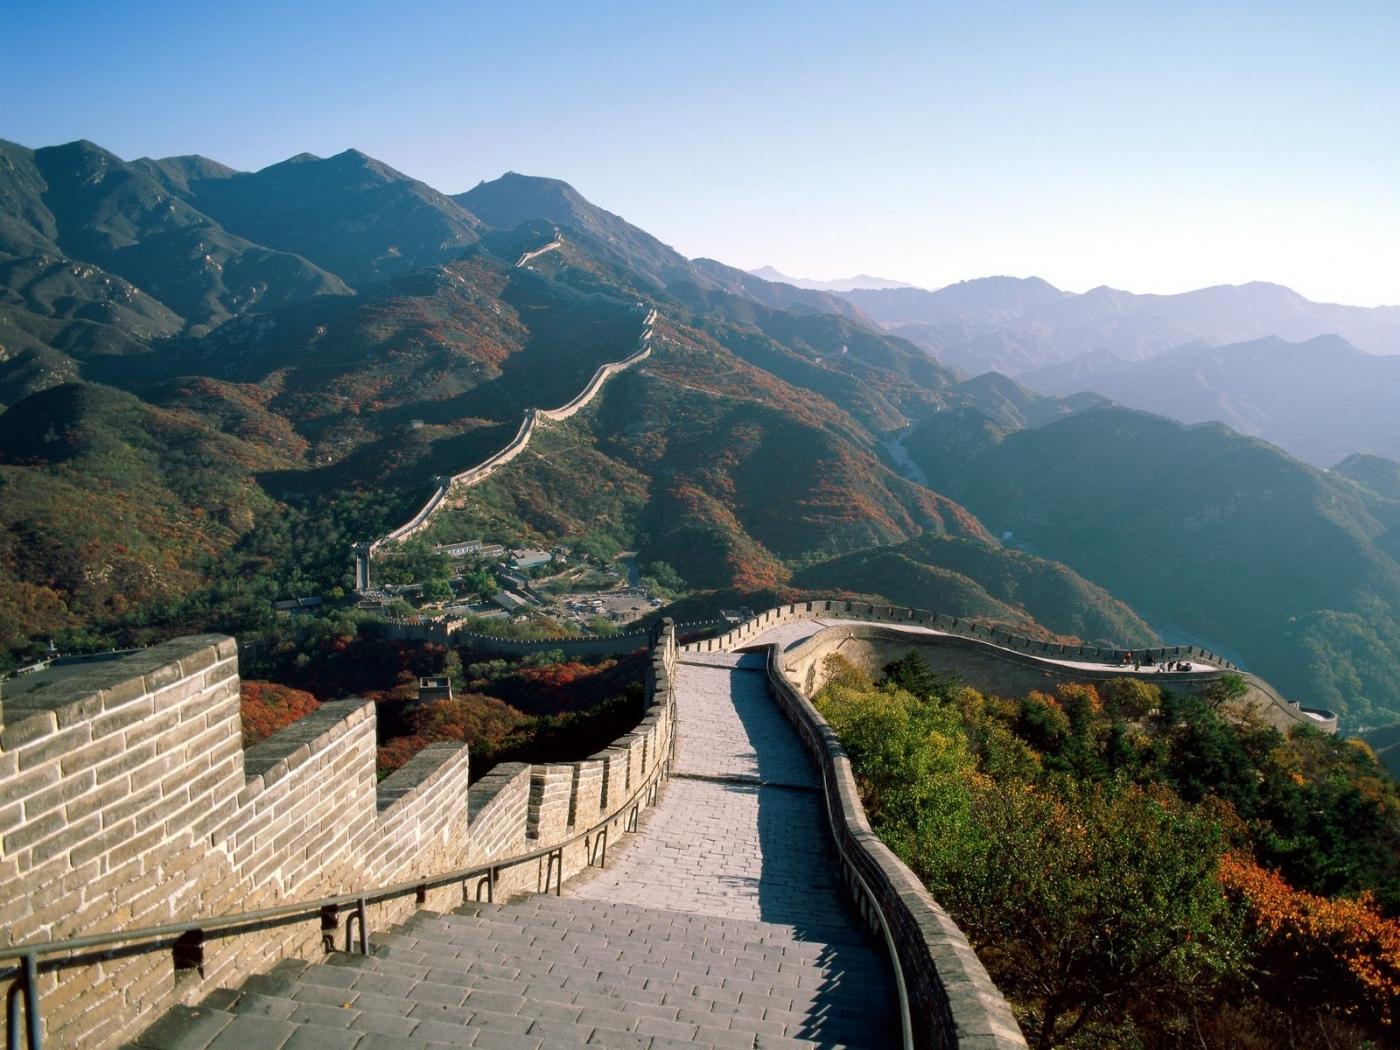 33553 fond d'écran 1080x2340 sur votre téléphone gratuitement, téléchargez des images La Grande Muraille De Chine, Paysage, L'architecture 1080x2340 sur votre mobile